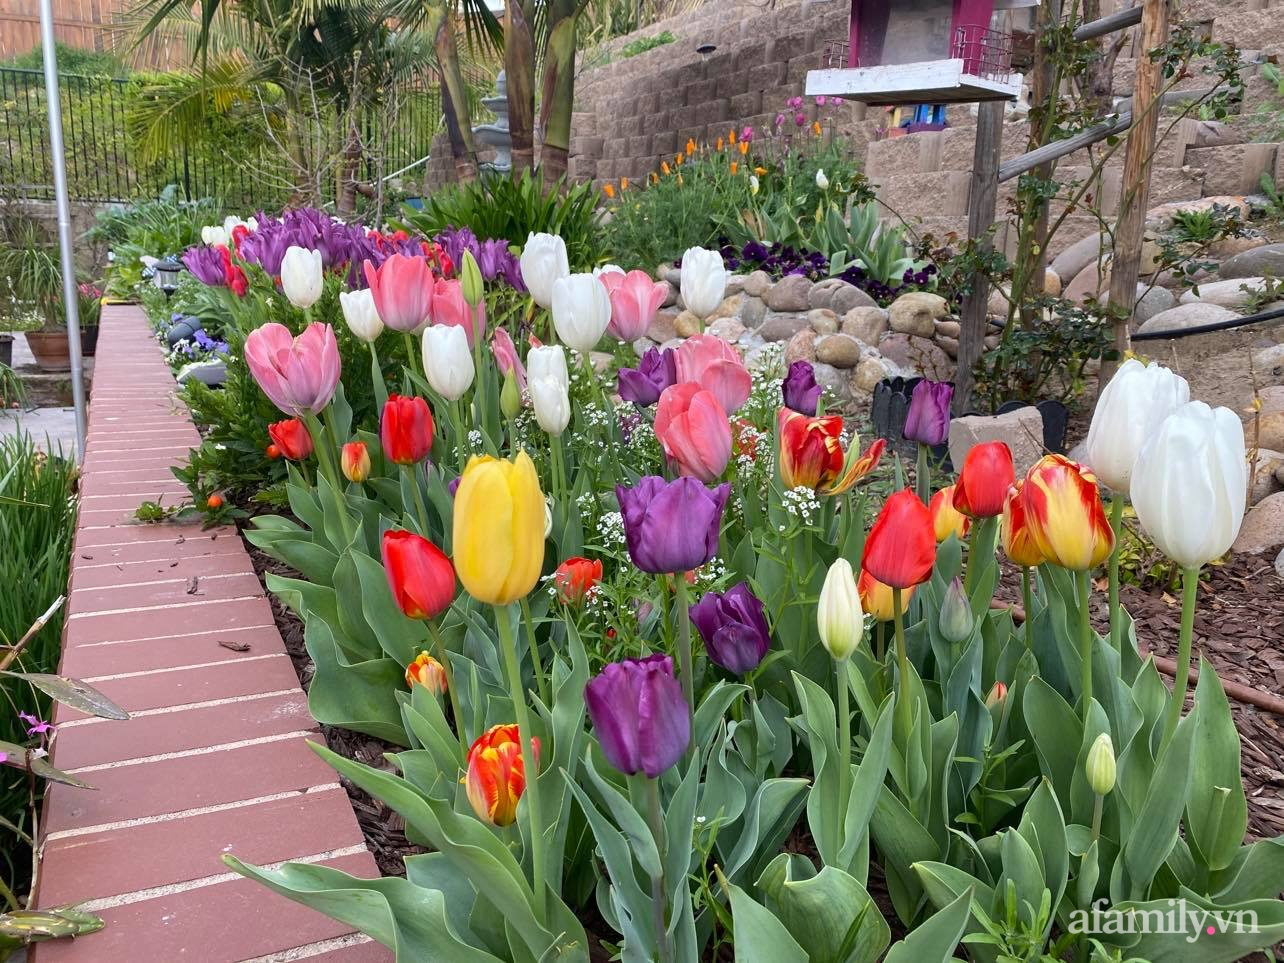 Khu vườn 750m² muôn hoa khoe sắc tỏa hương của mẹ Việt thức đêm chăm cây ở Mỹ - Ảnh 16.